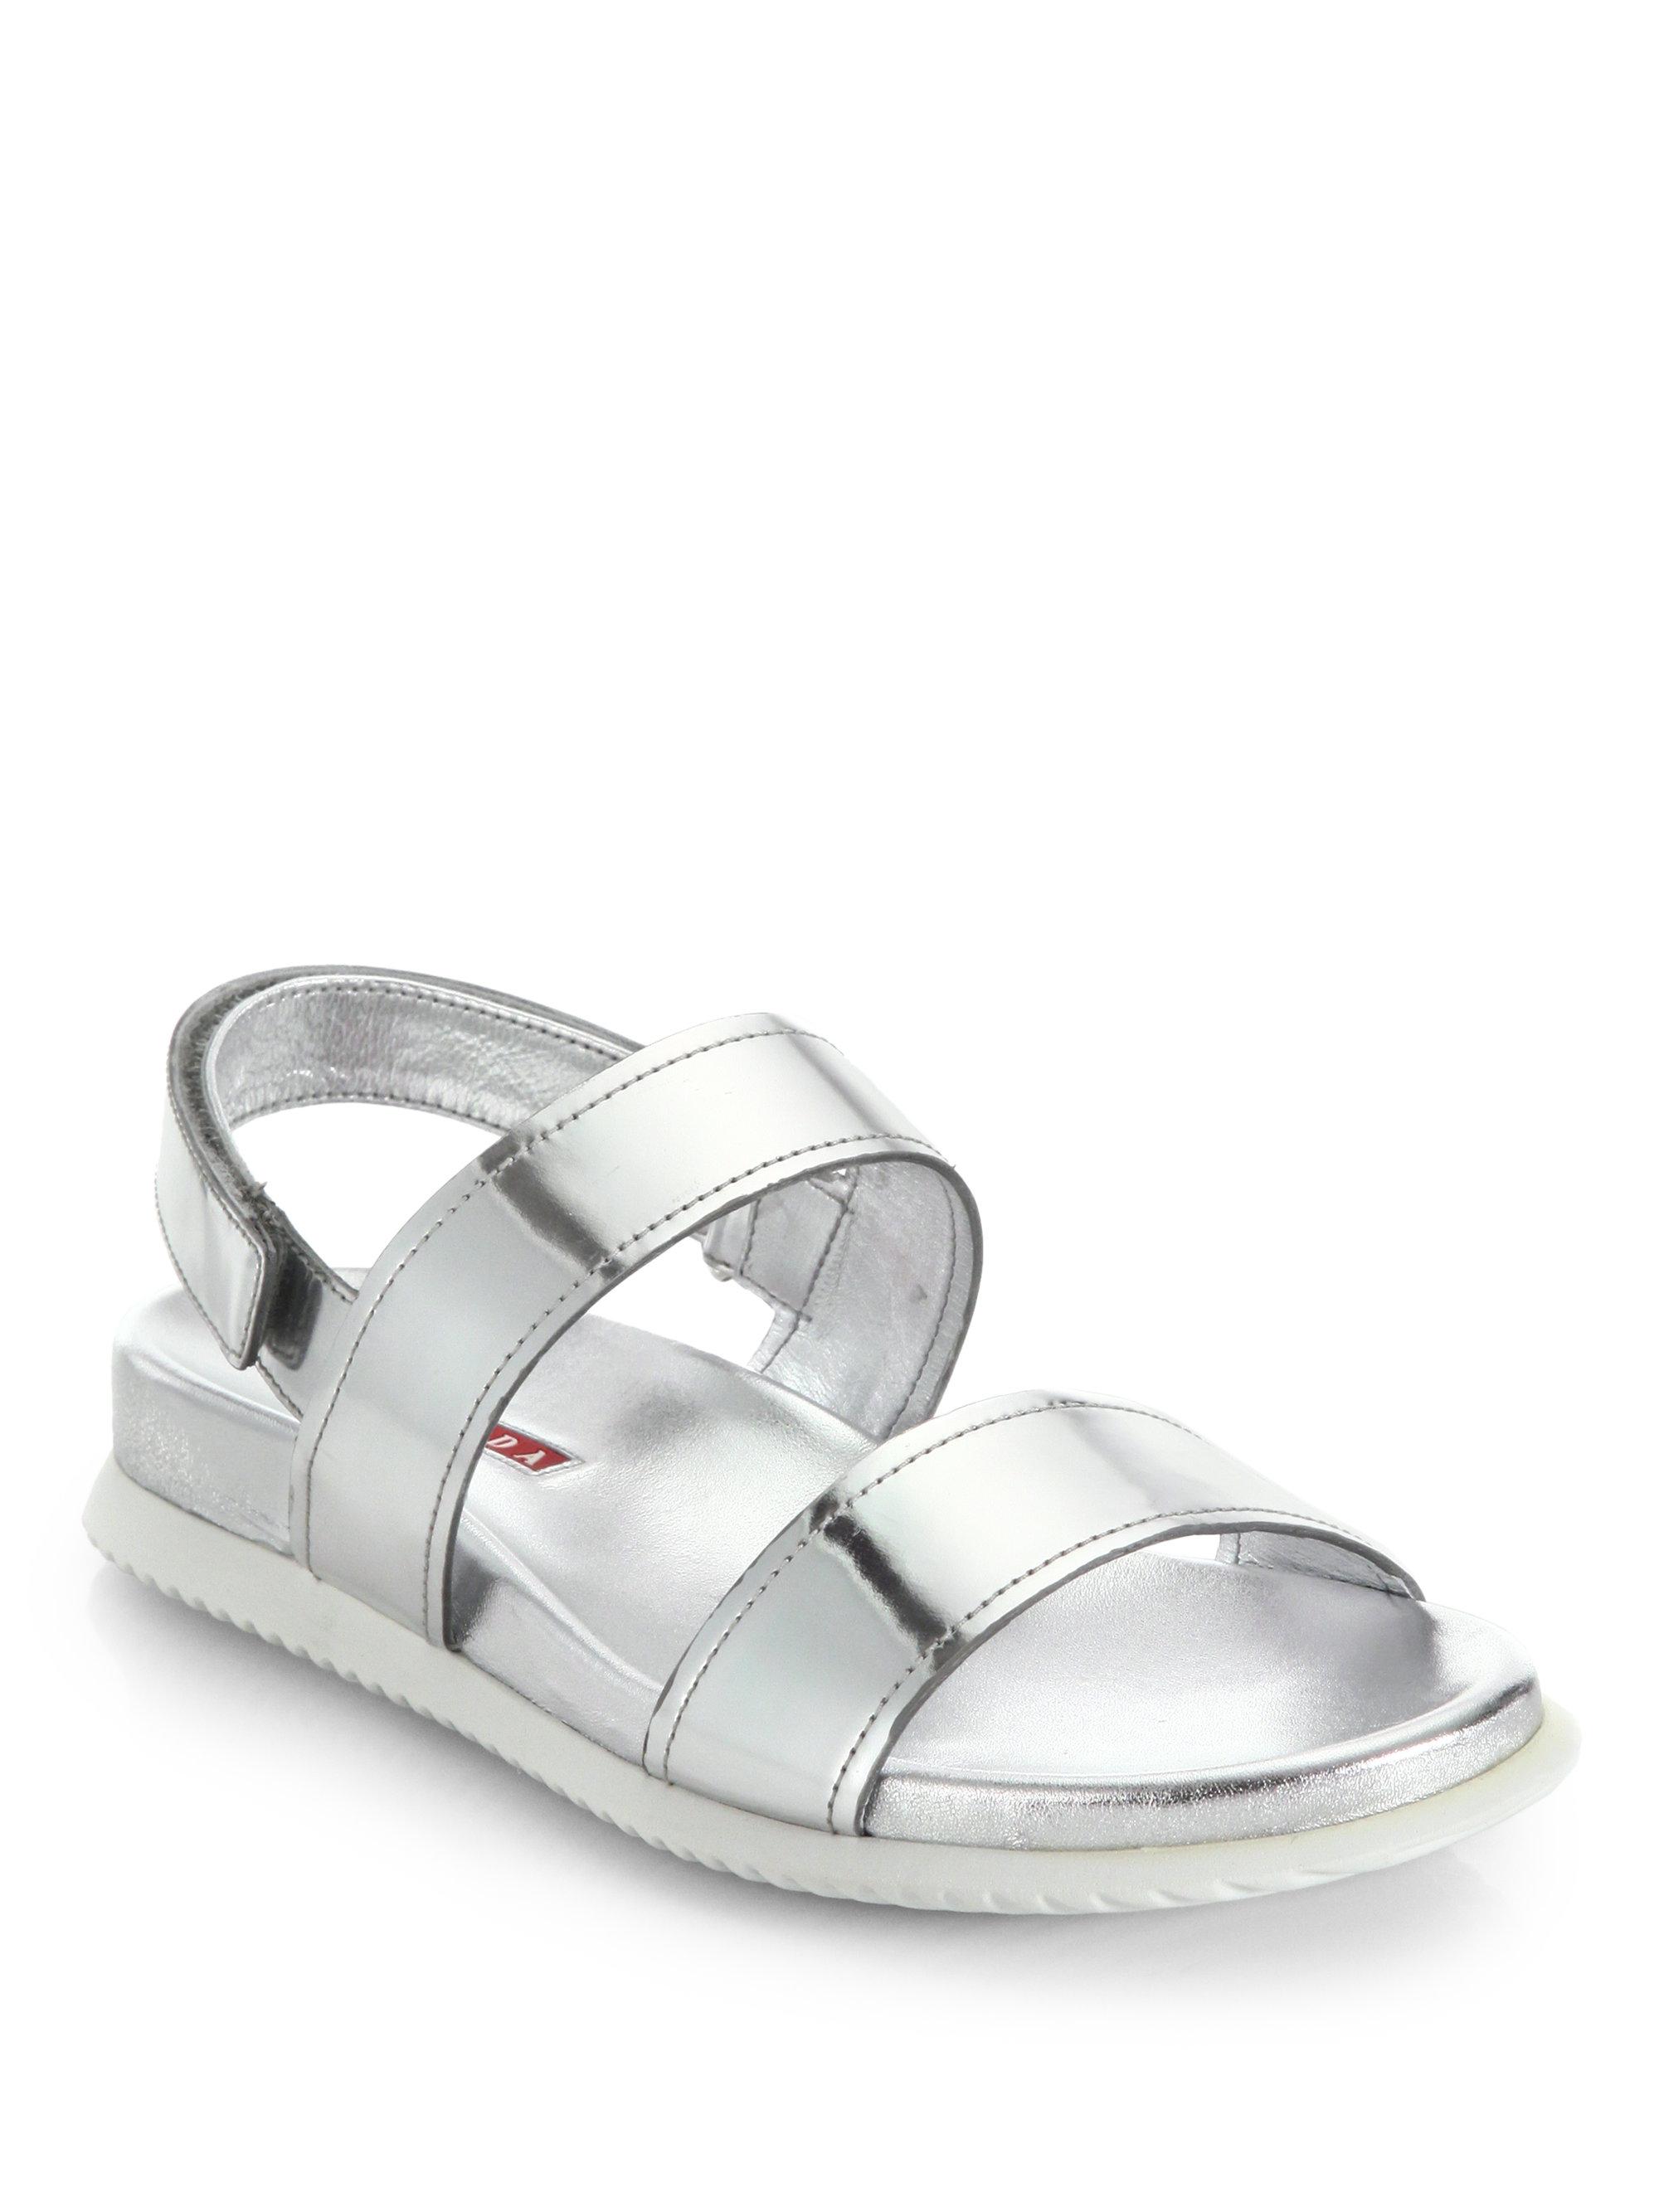 41f2bd135b48 Lyst - Prada Patent Leather Flat Sandals in Metallic